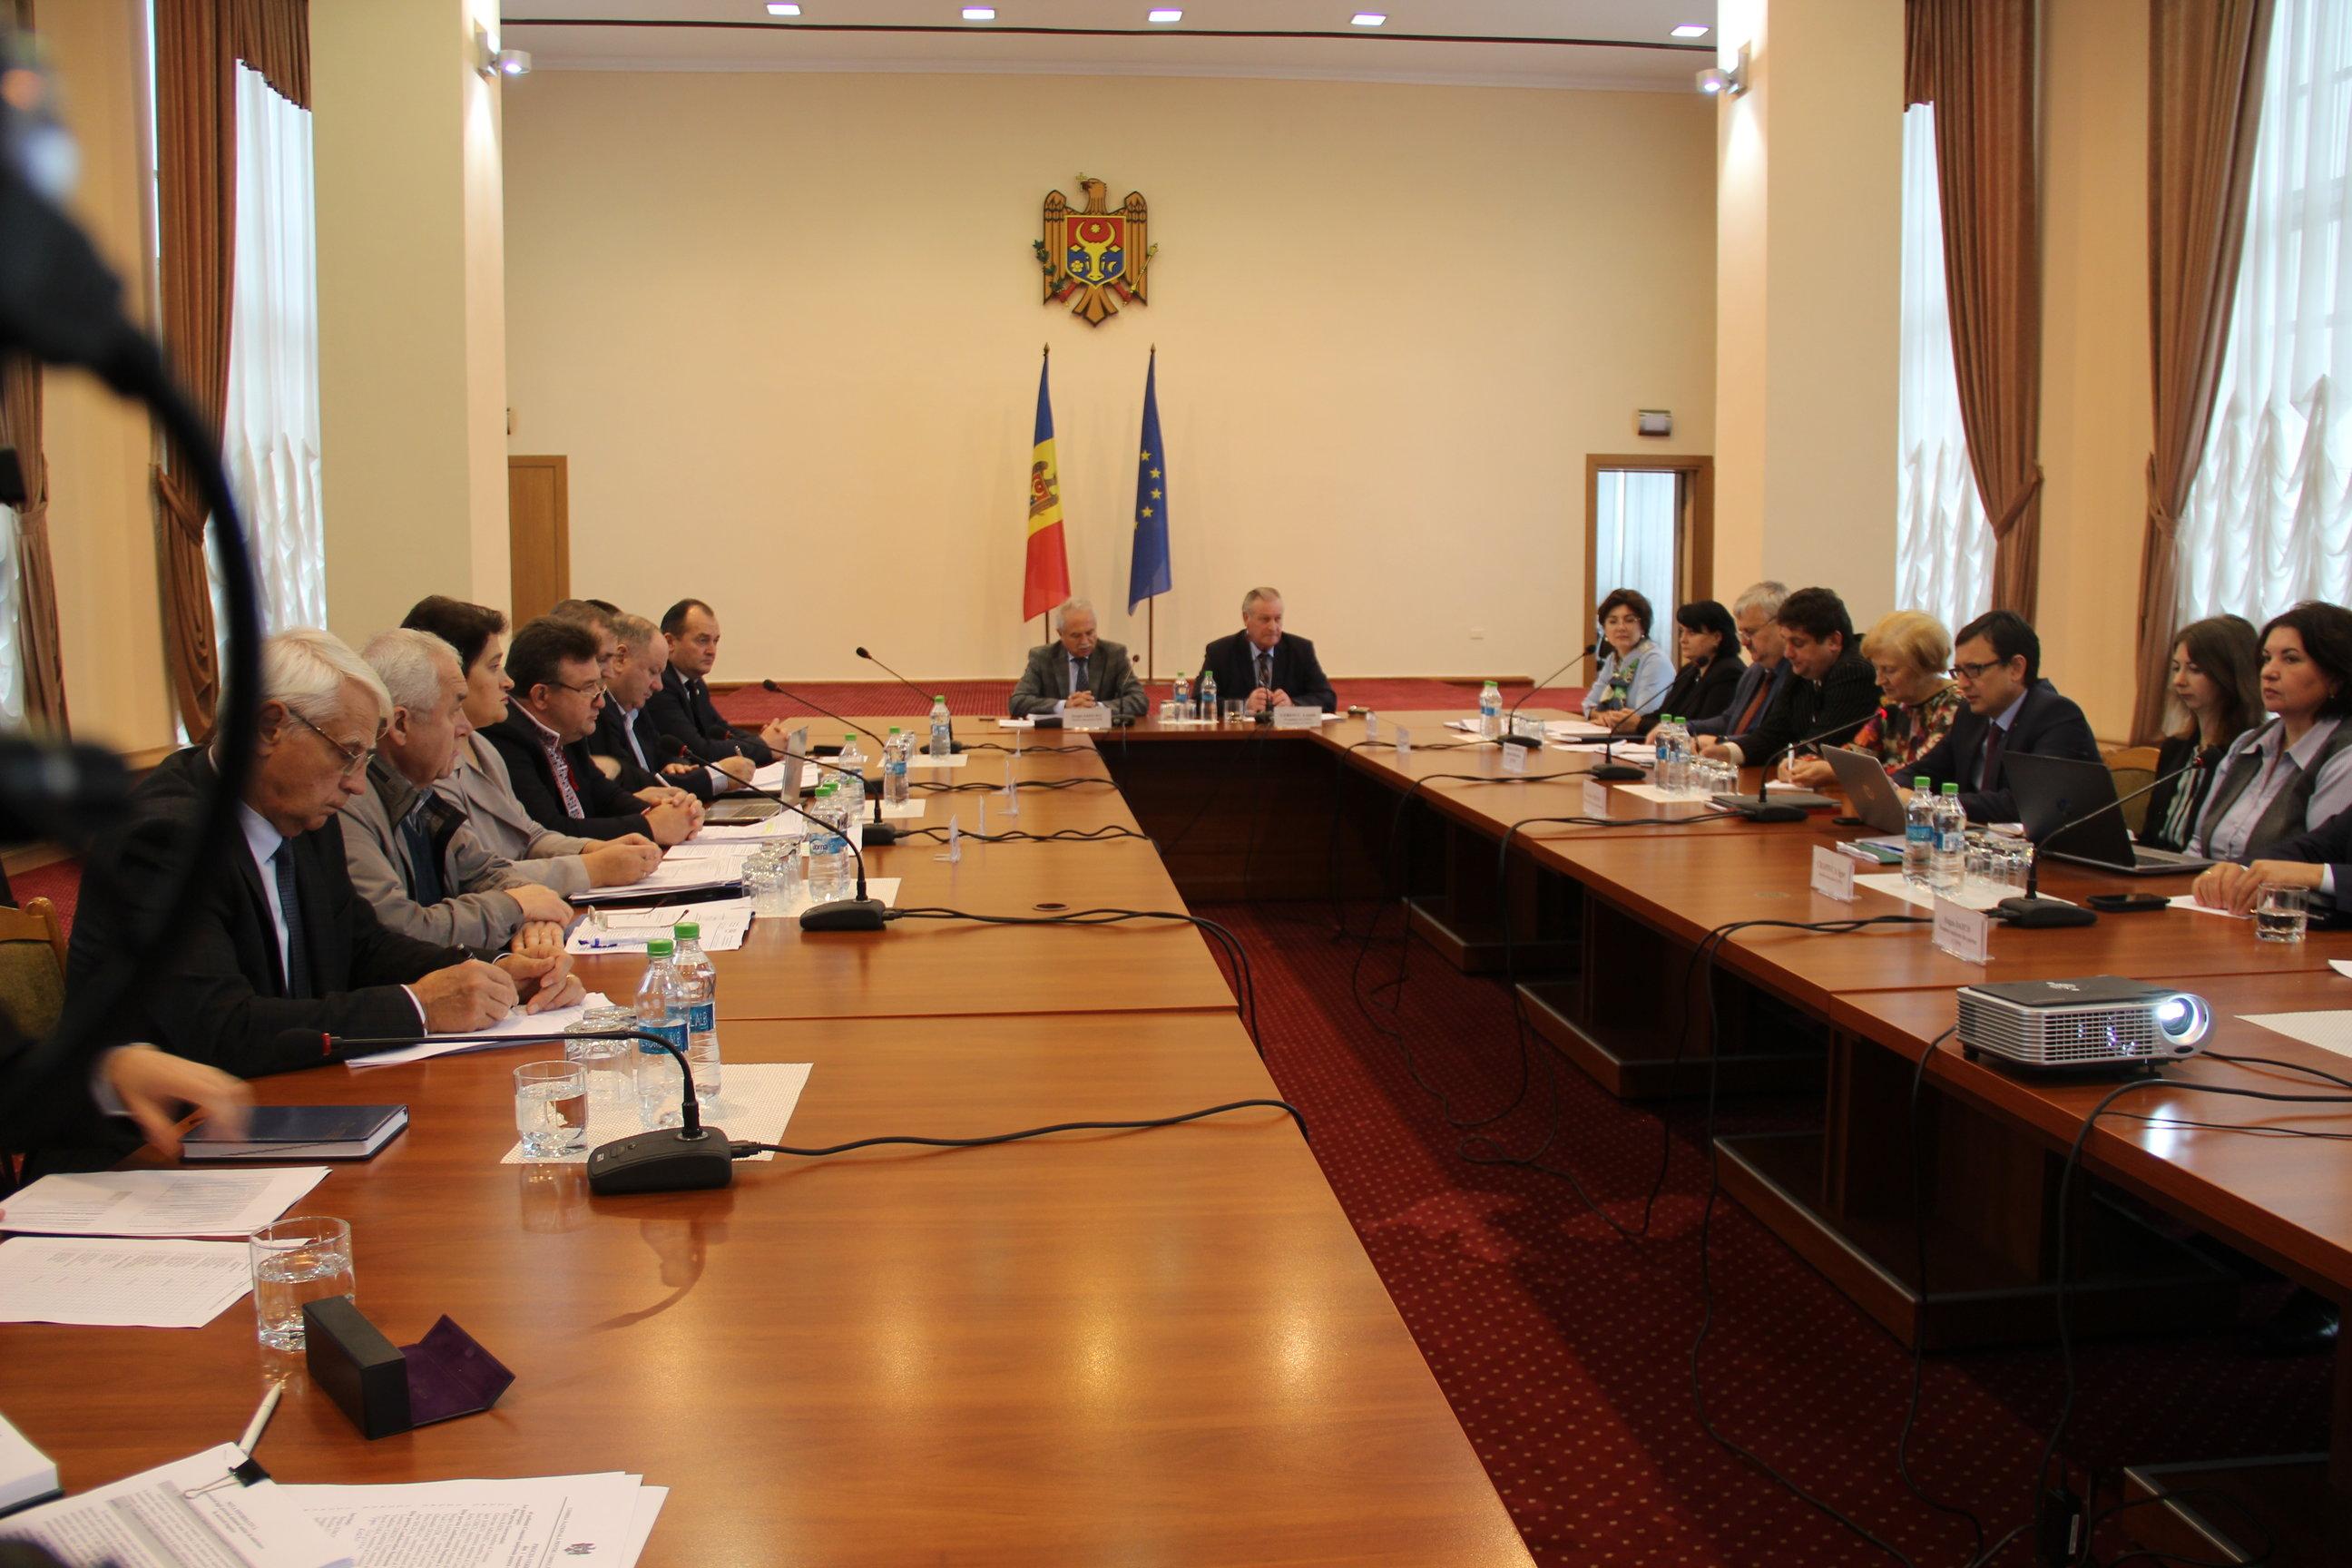 Comisia națională pentru consultări și negocieri colective a examinat proiectul de lege privind sistemul unitar de salarizare în sectorul bugetar